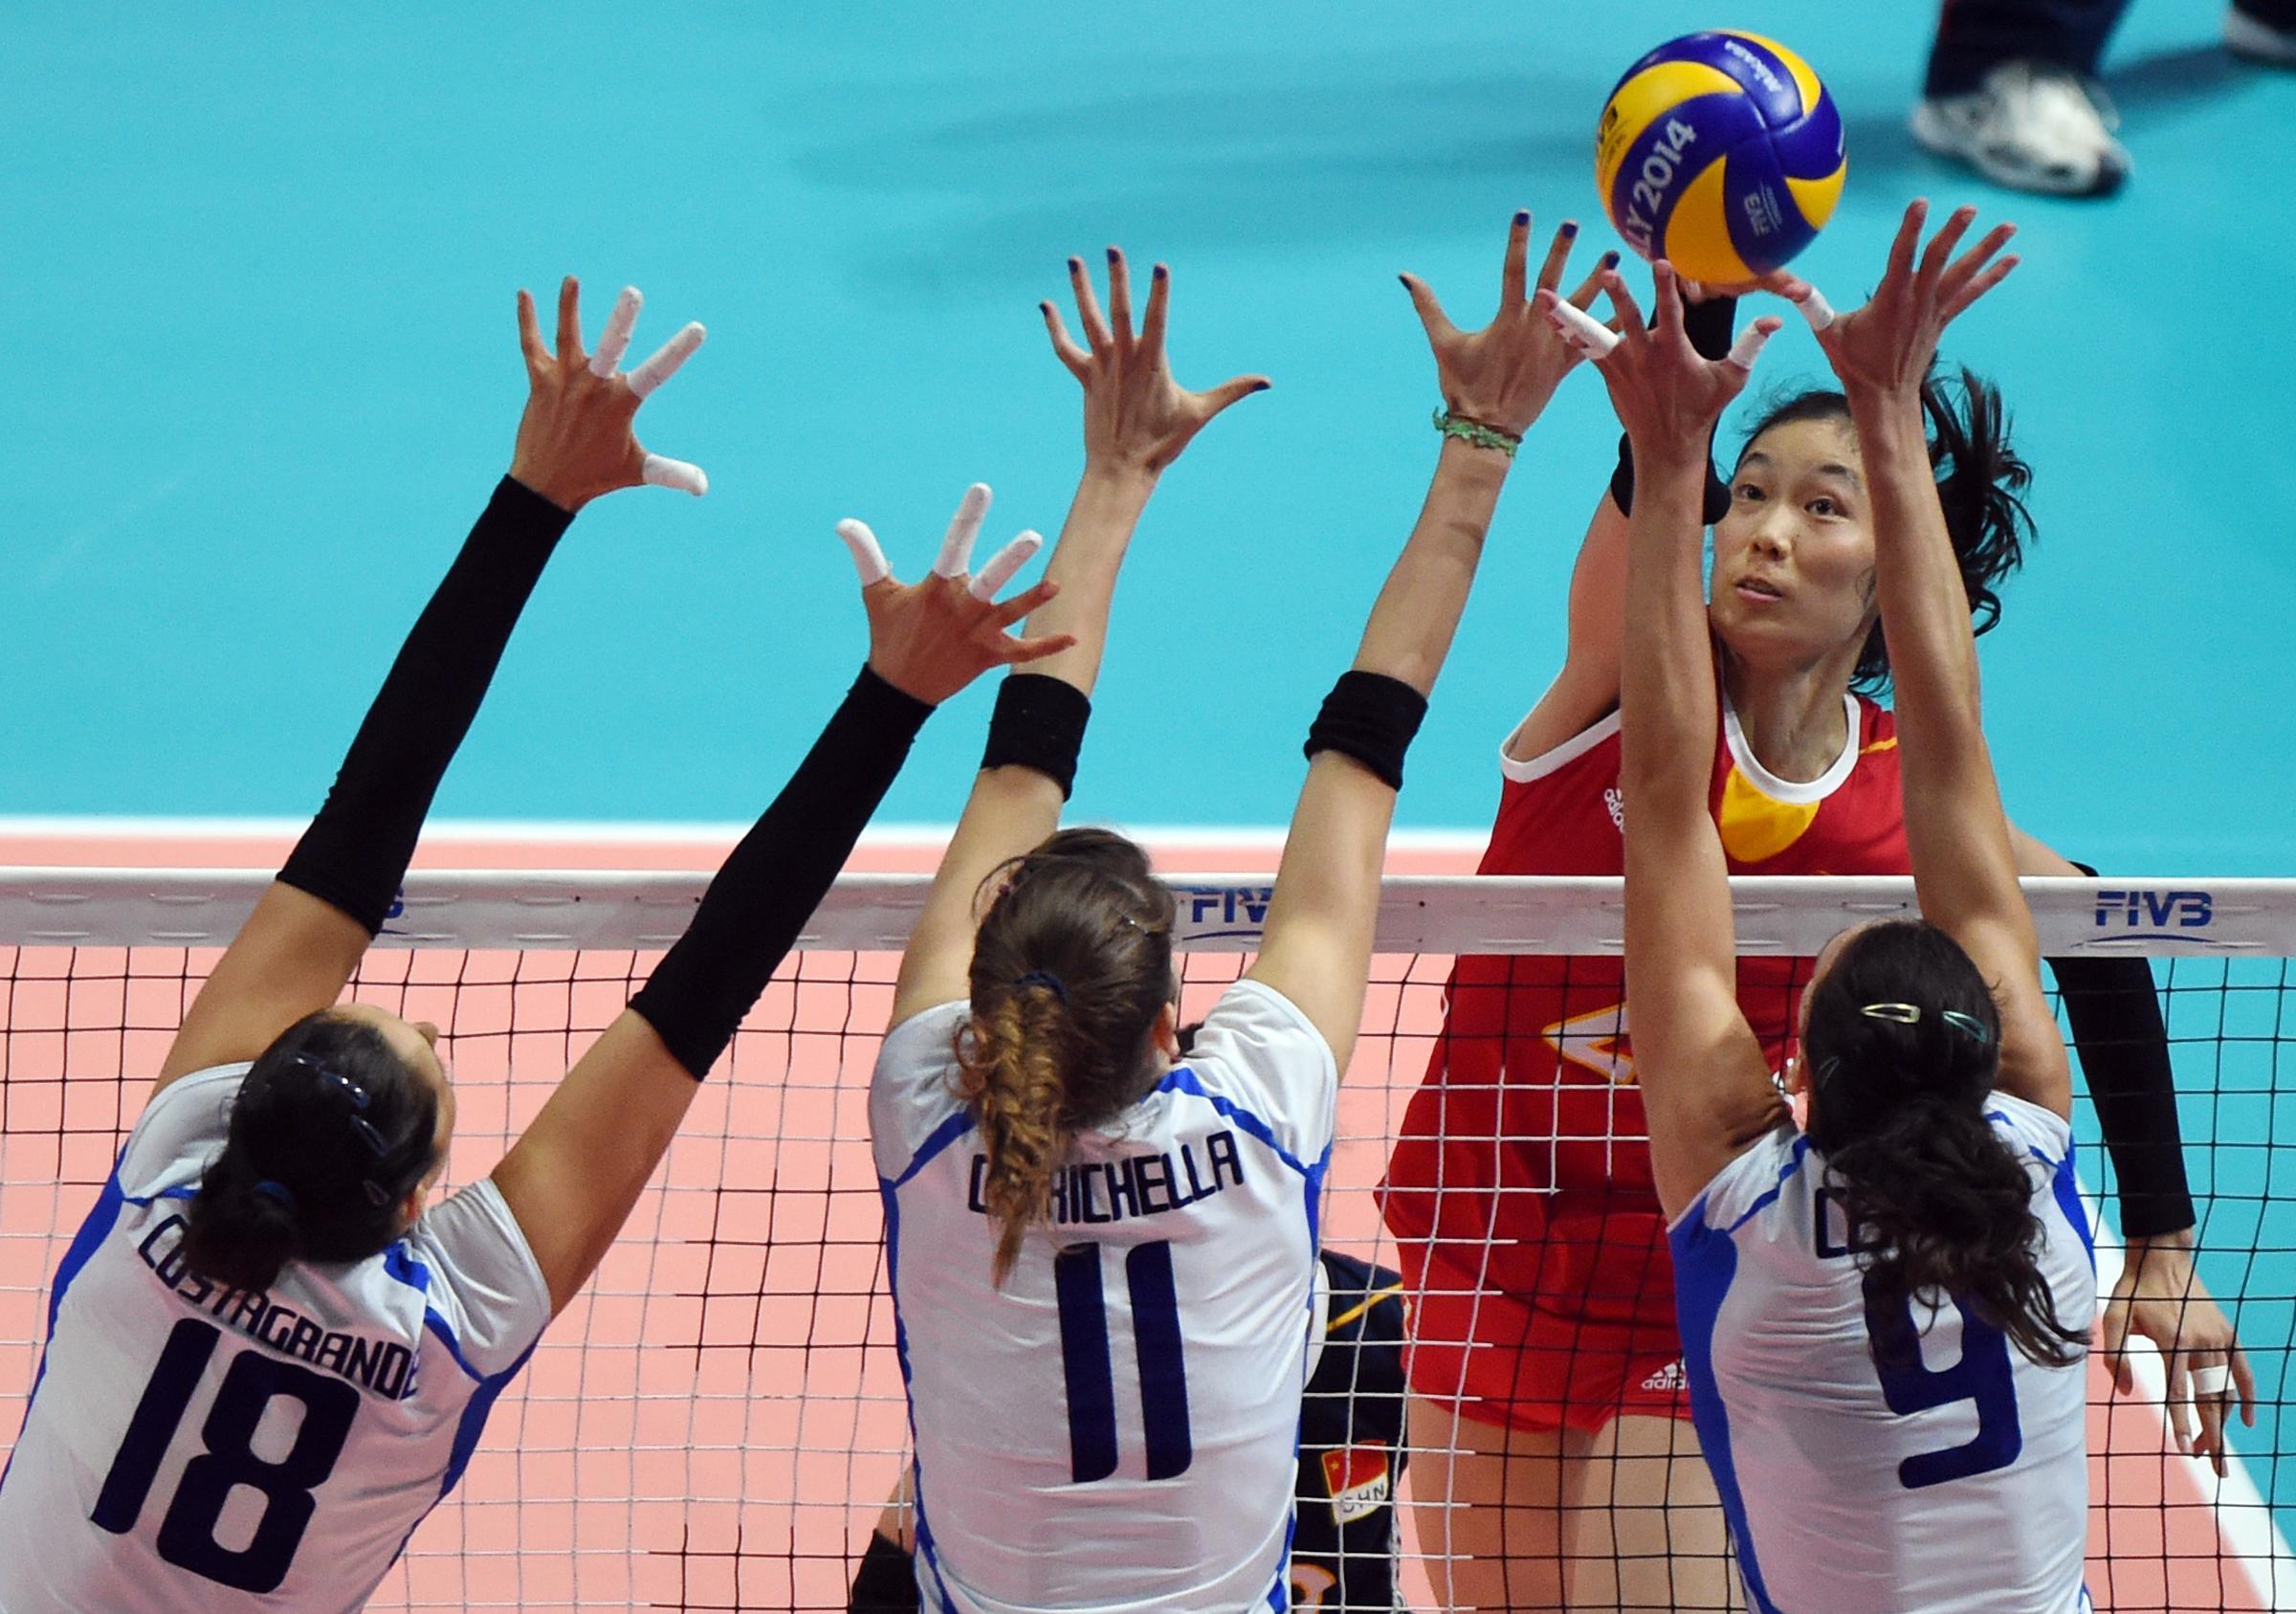 Pallavolo_Mondiali_Italia_Cina_10